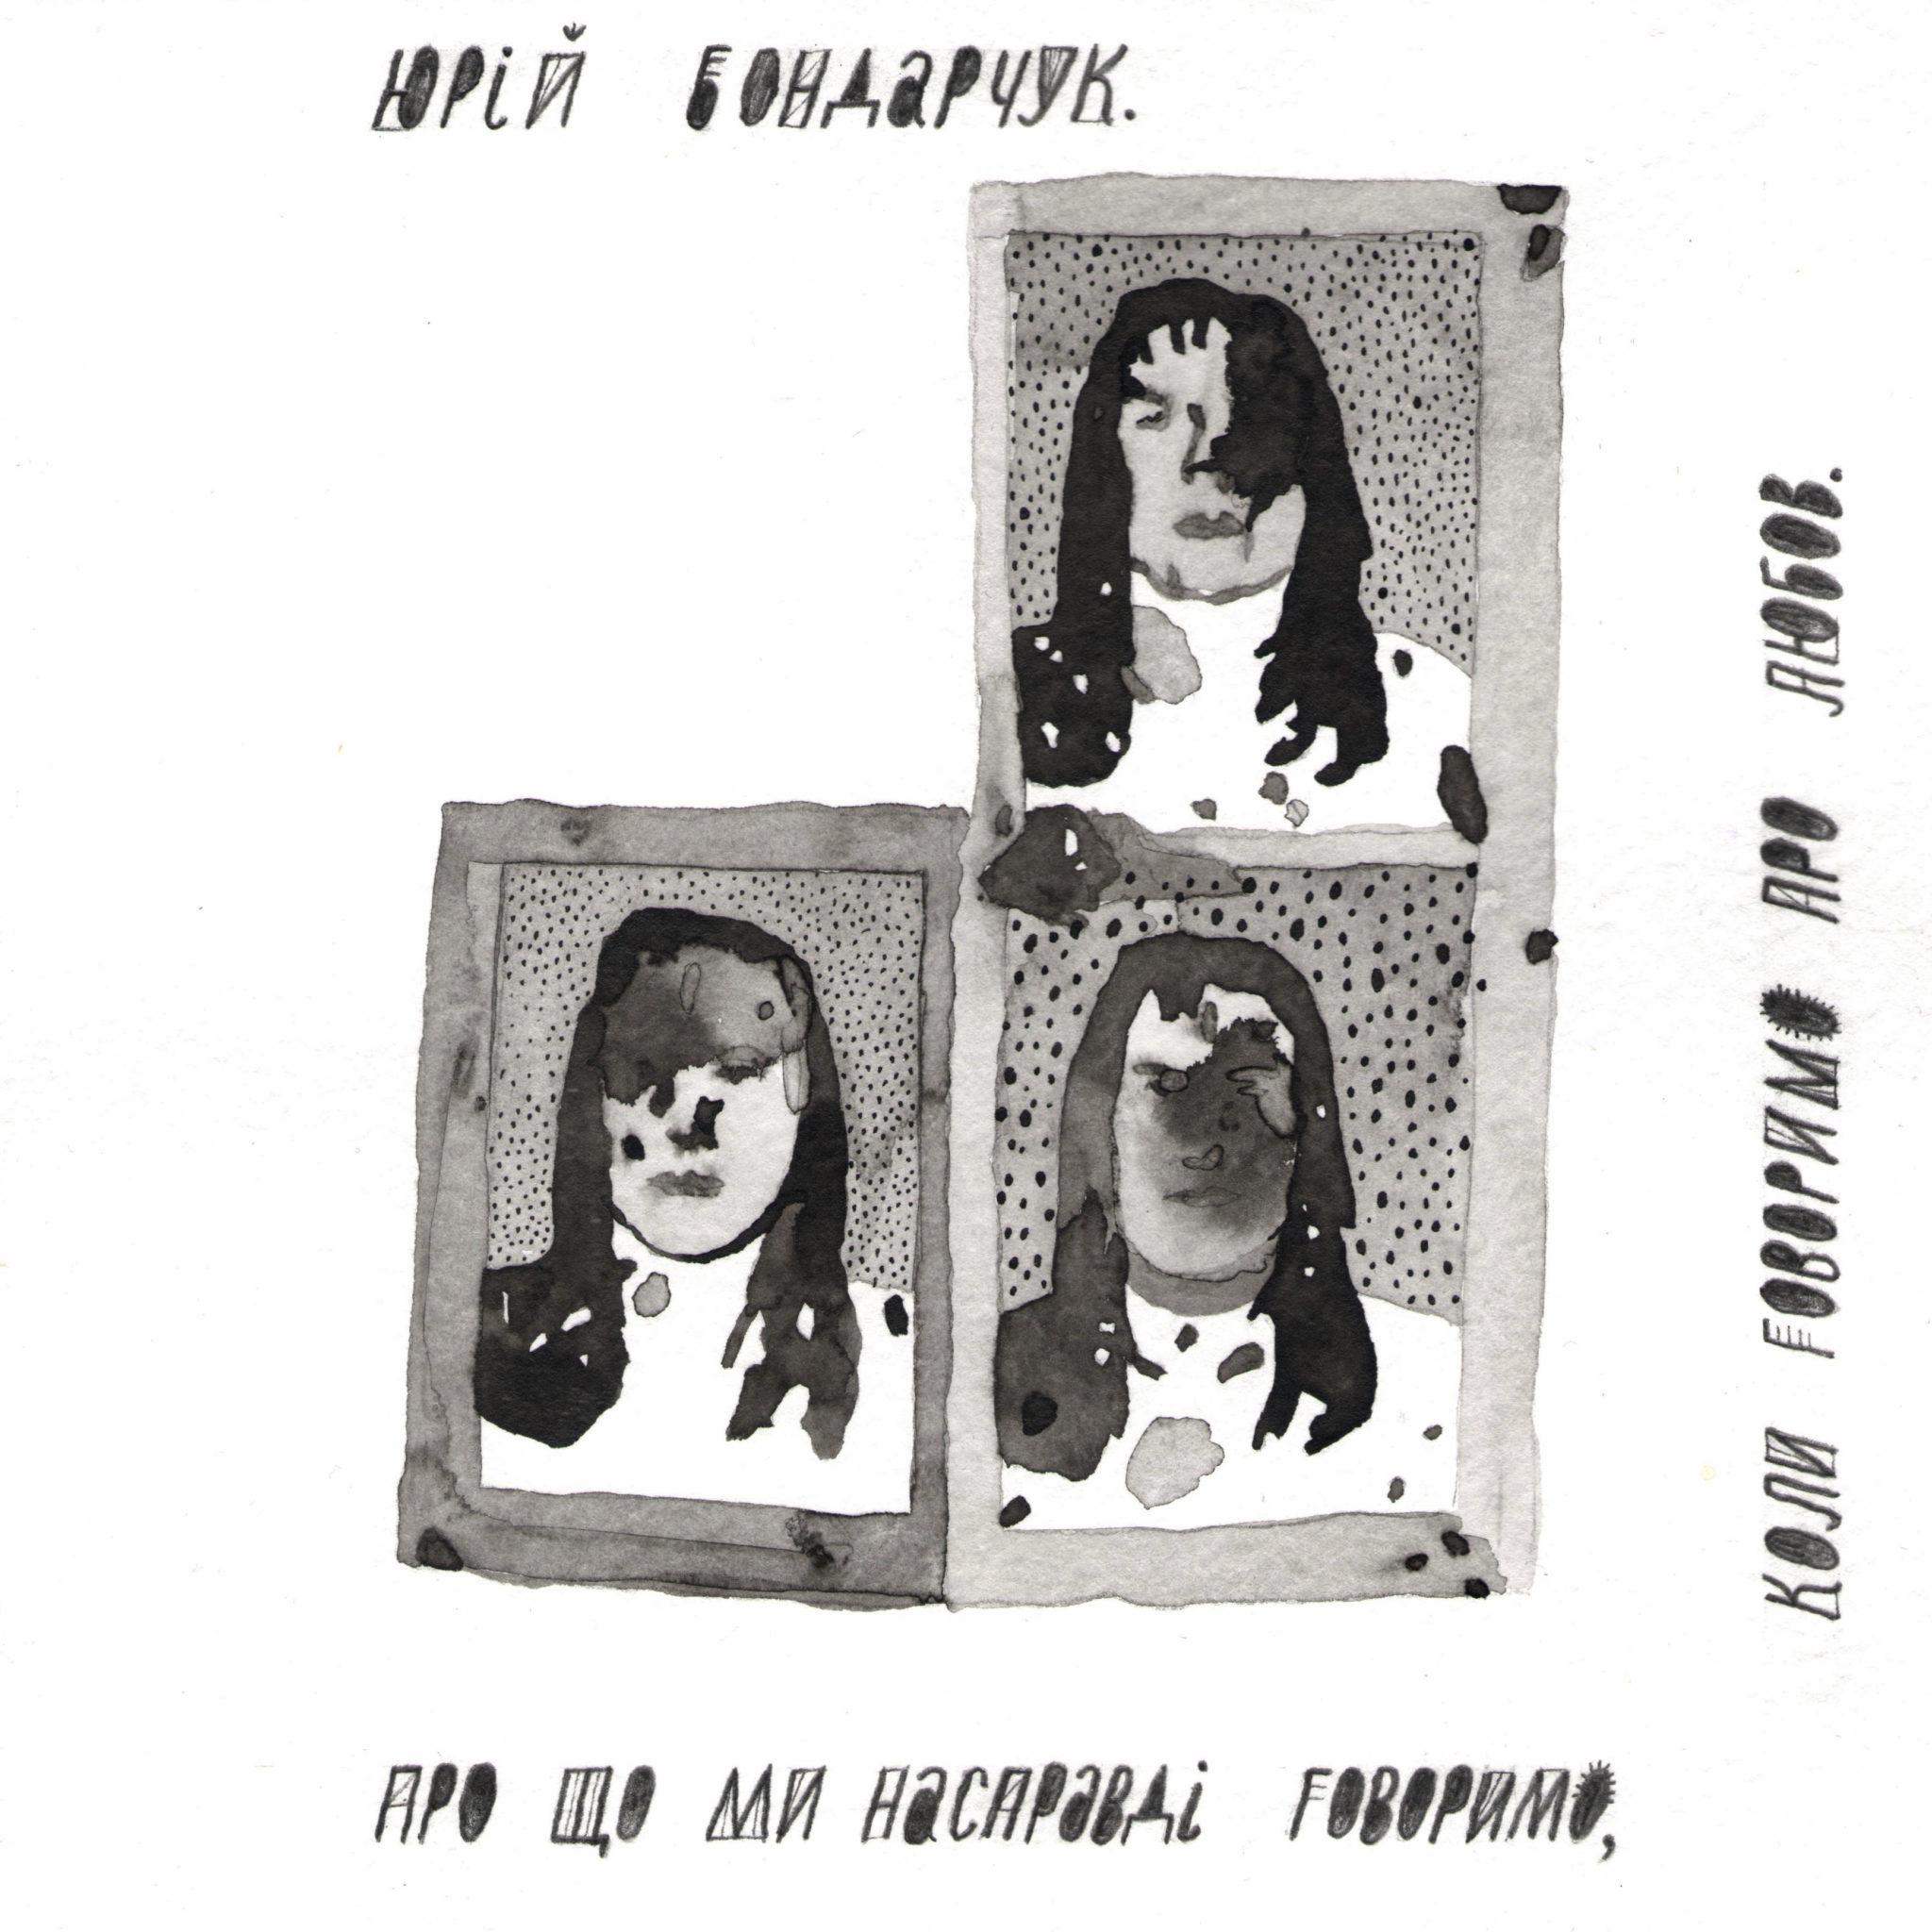 Час біжить, як горлом кров: Юрій Бондарчук випустив новий міні-альбом